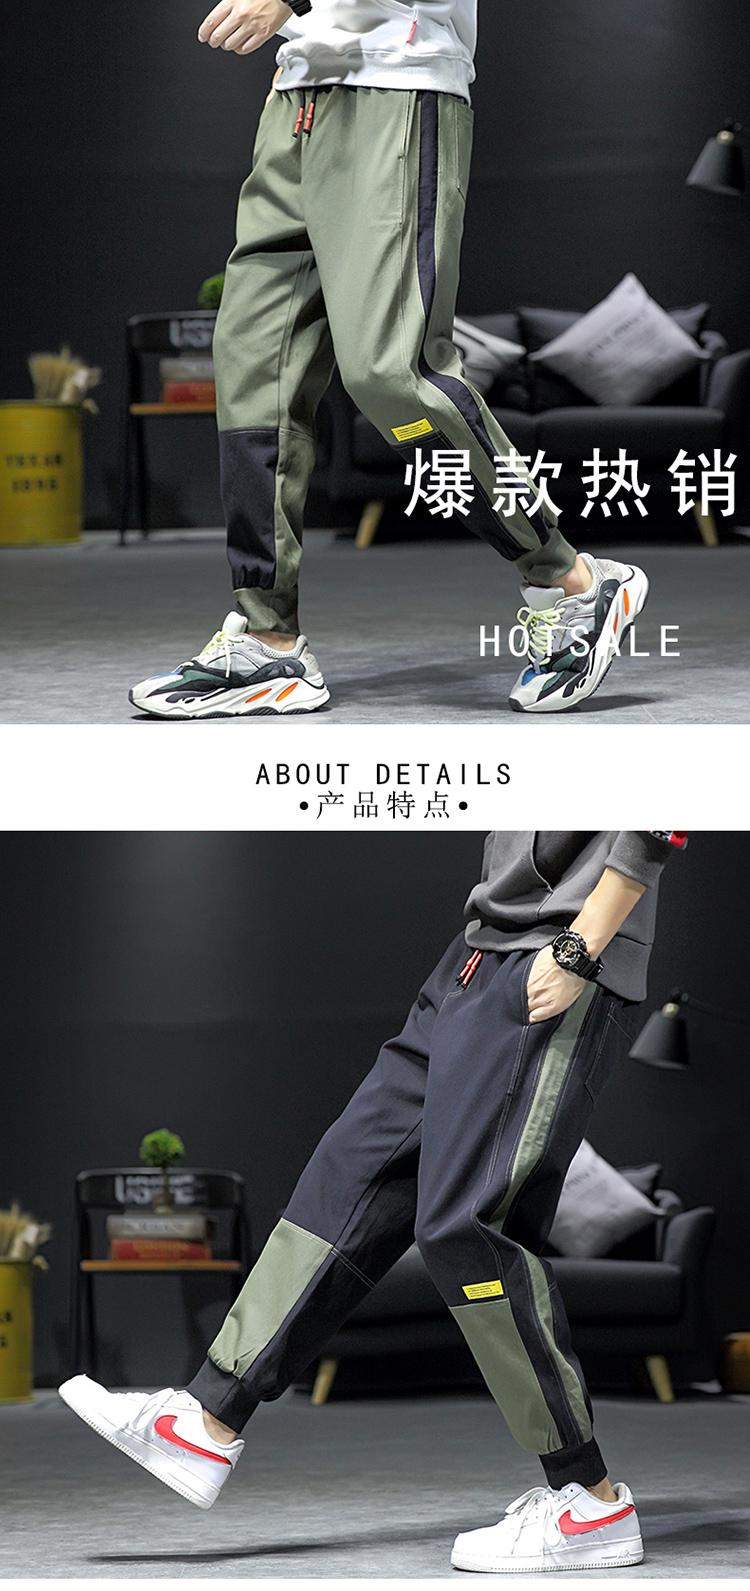 沙发 绿色秋季男潮流束脚大码休闲裤A061-K1988-P45 100%棉